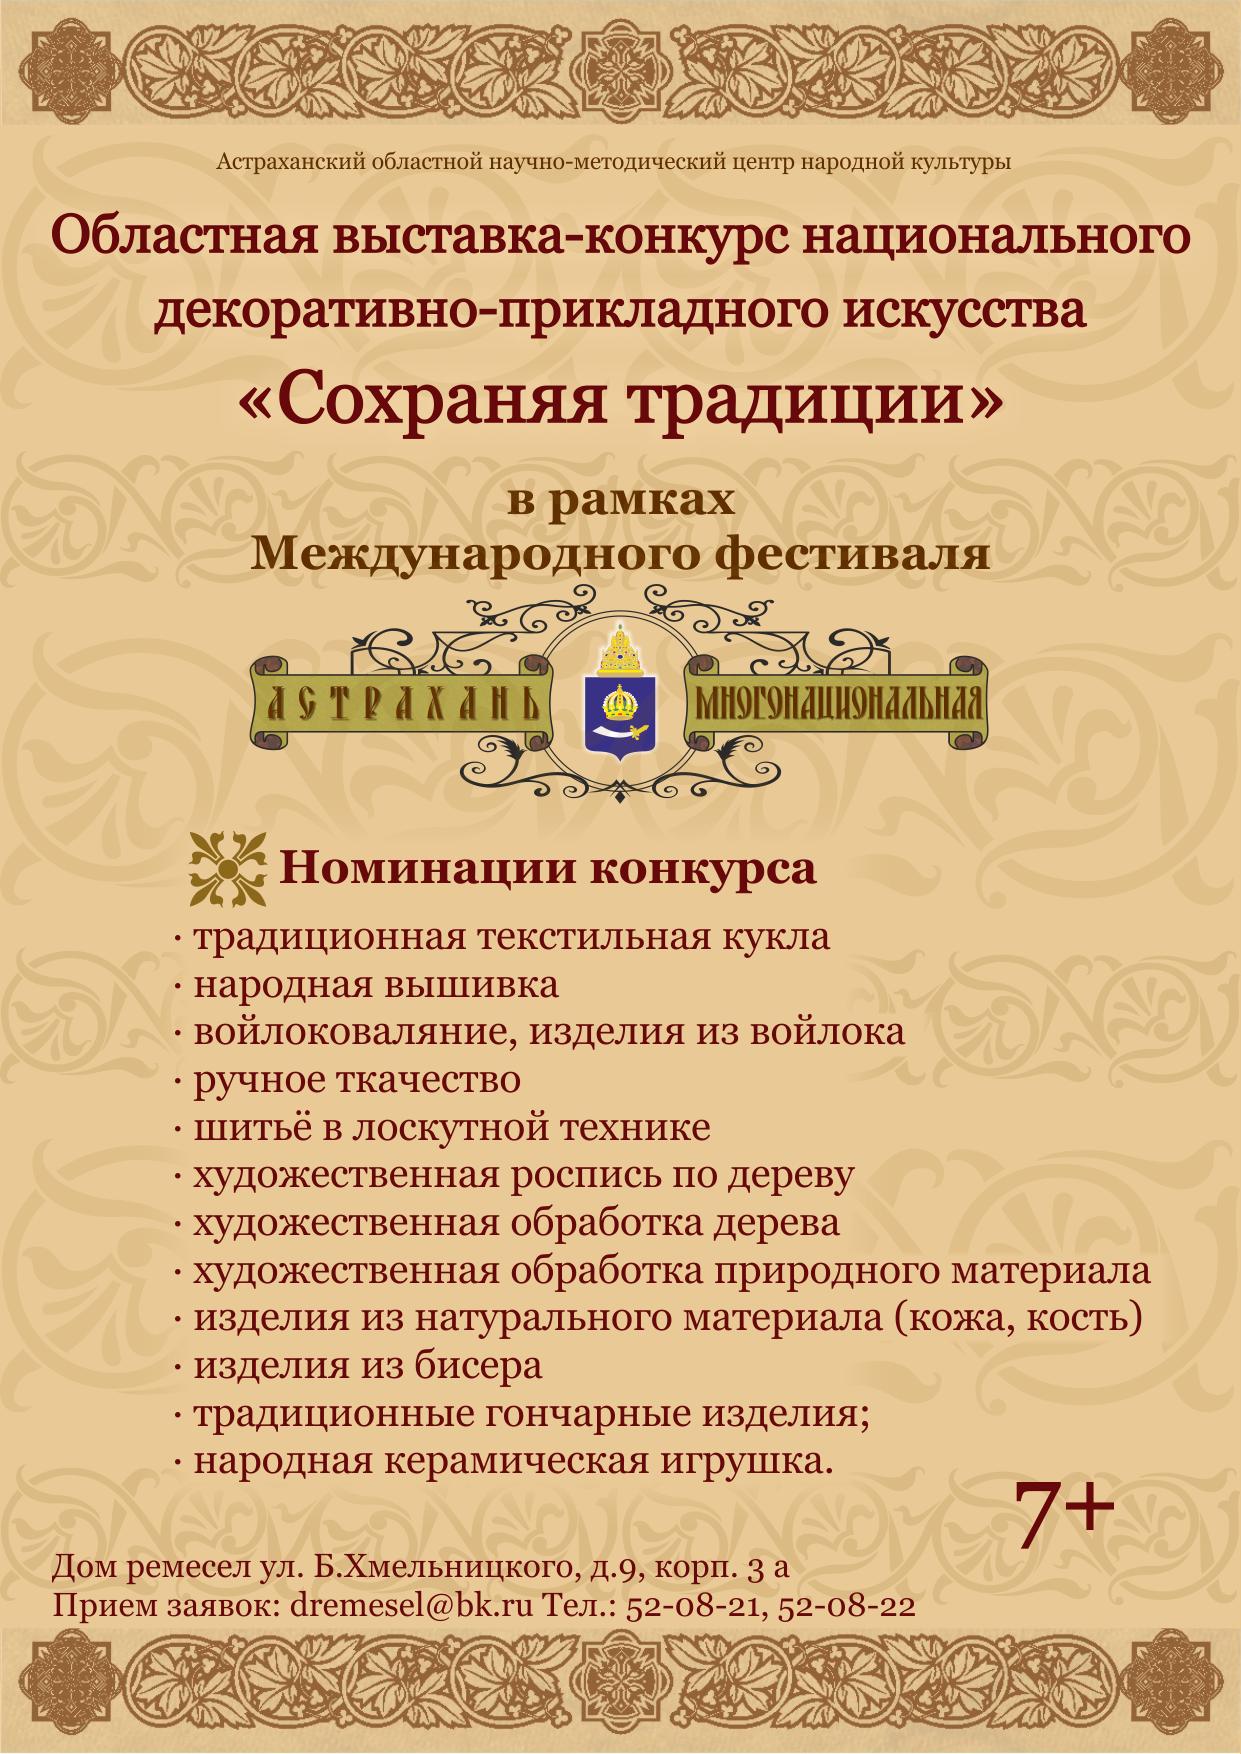 В Астрахани объявлен конкурс-выставка национального  декоративно-прикладного искусства «Сохраняя традиции»